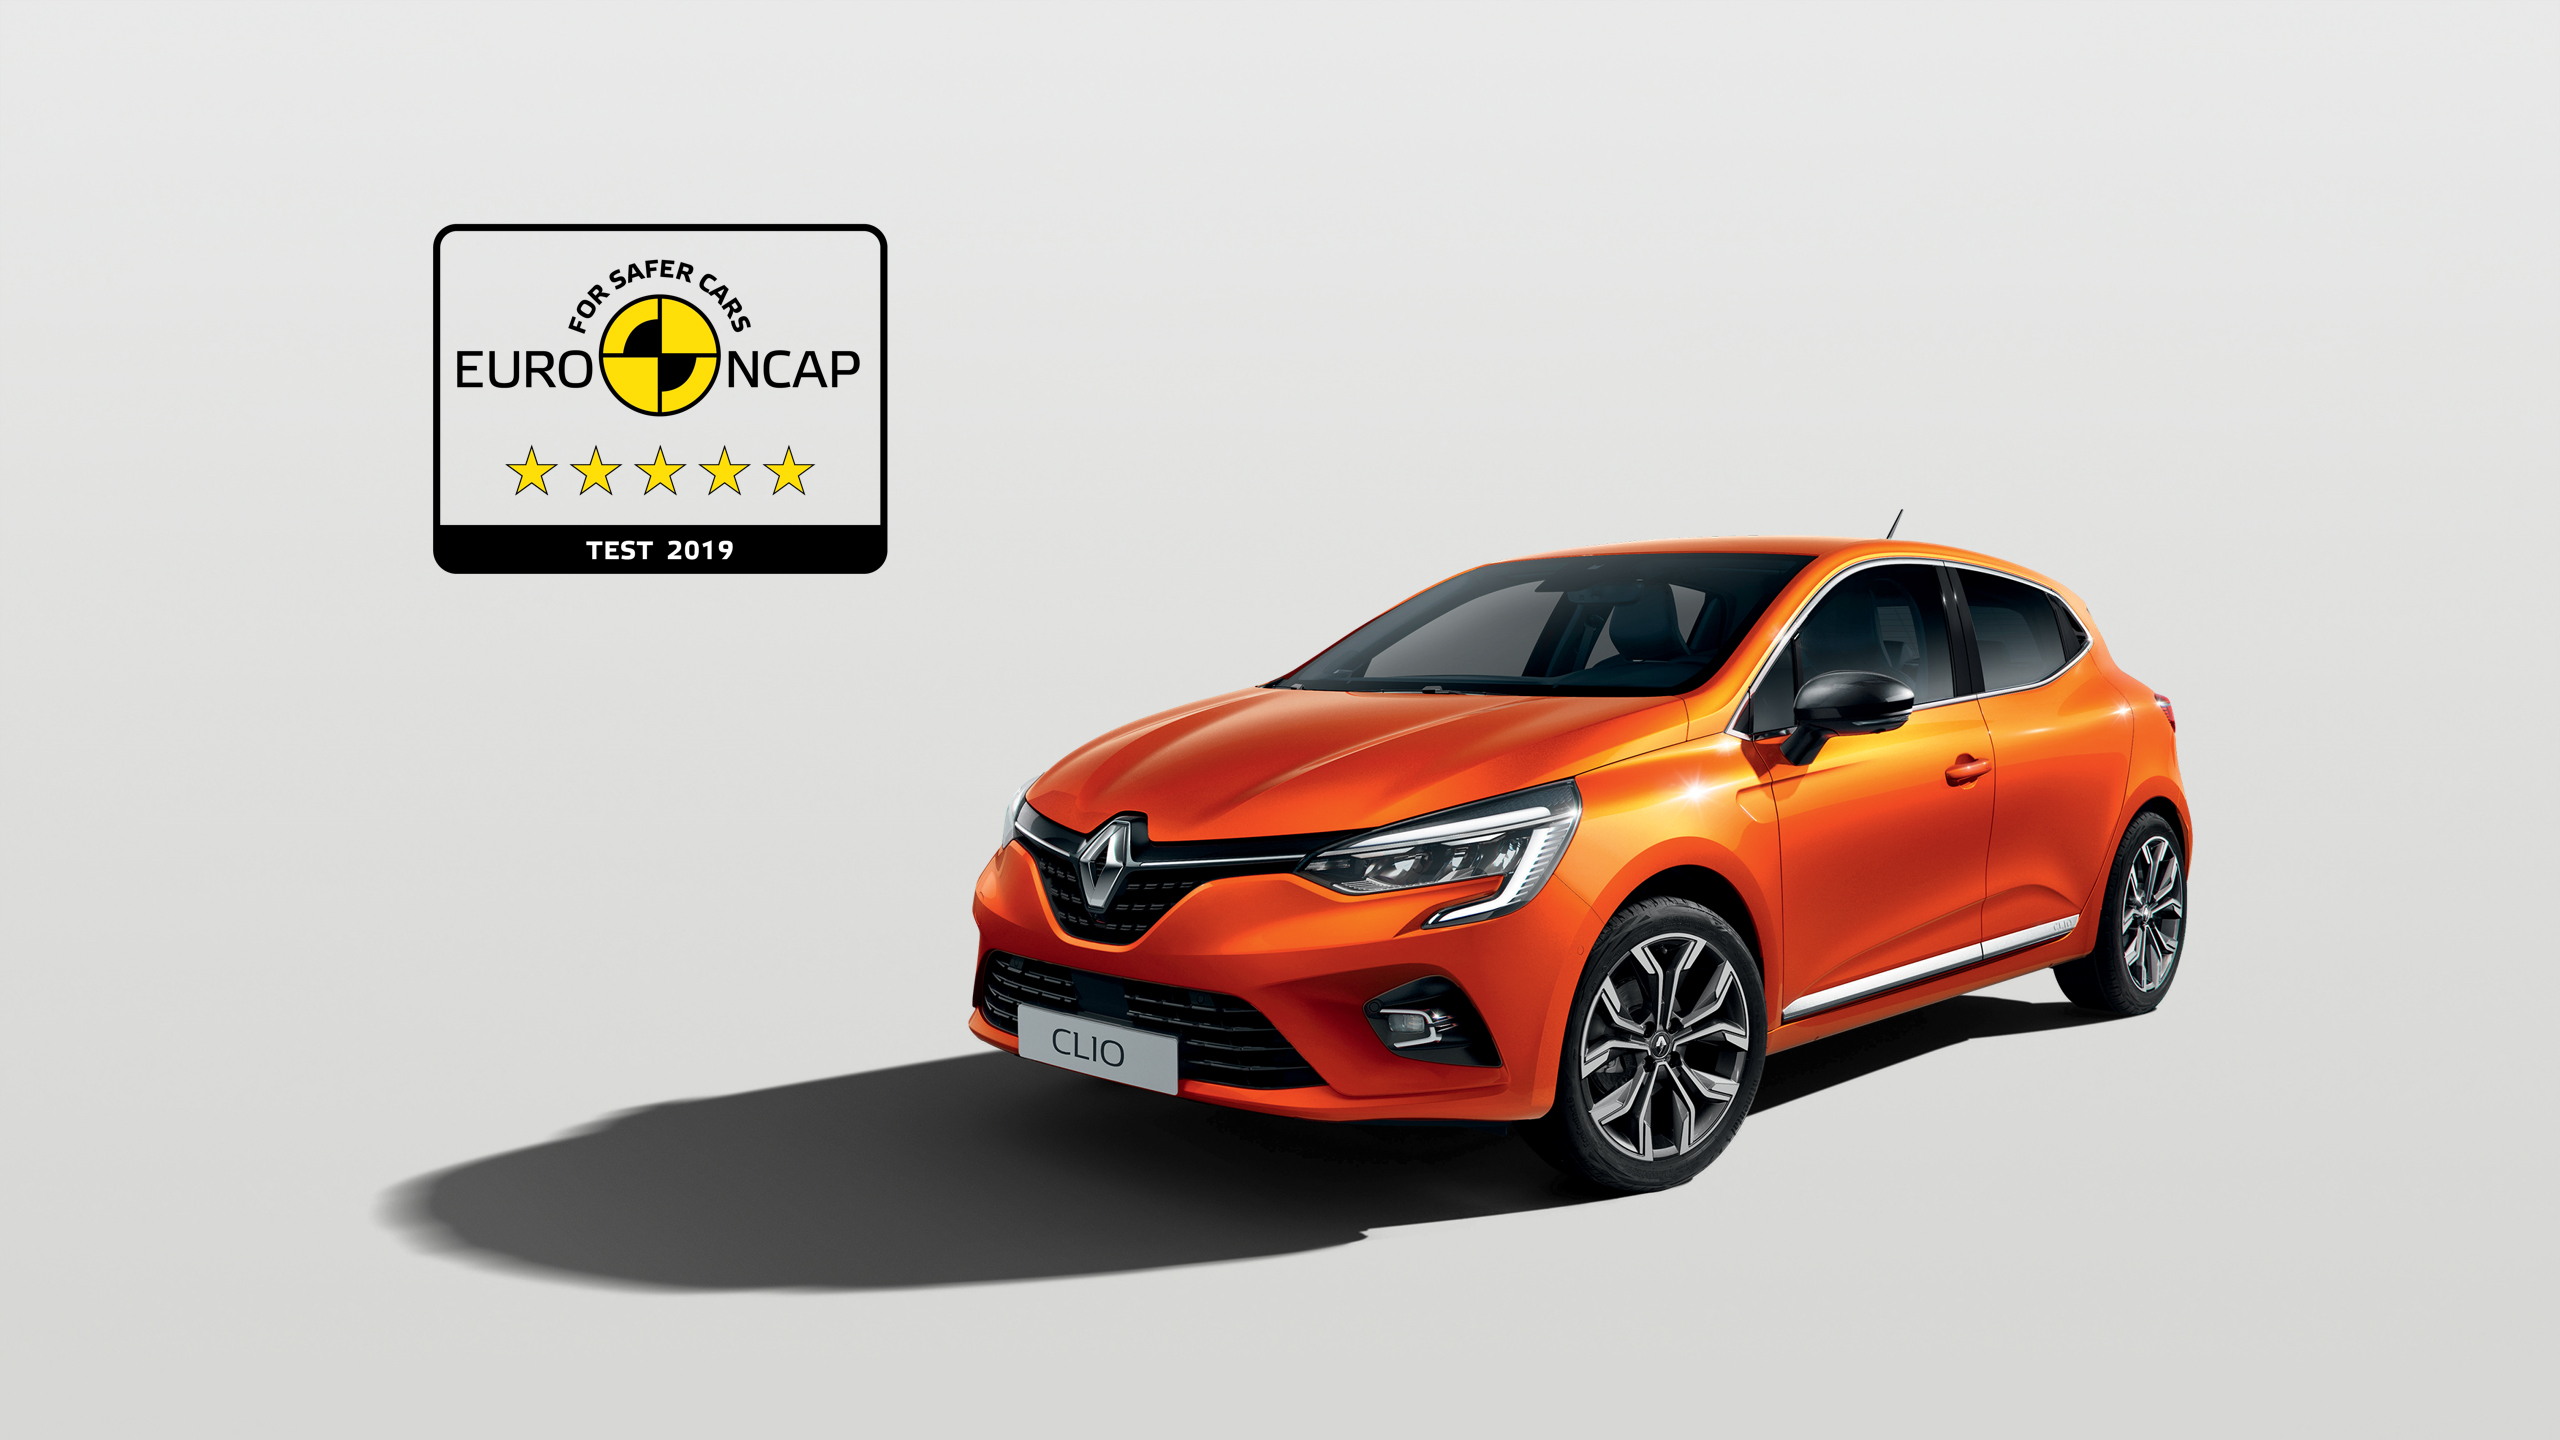 Clio_Euro-Ncap